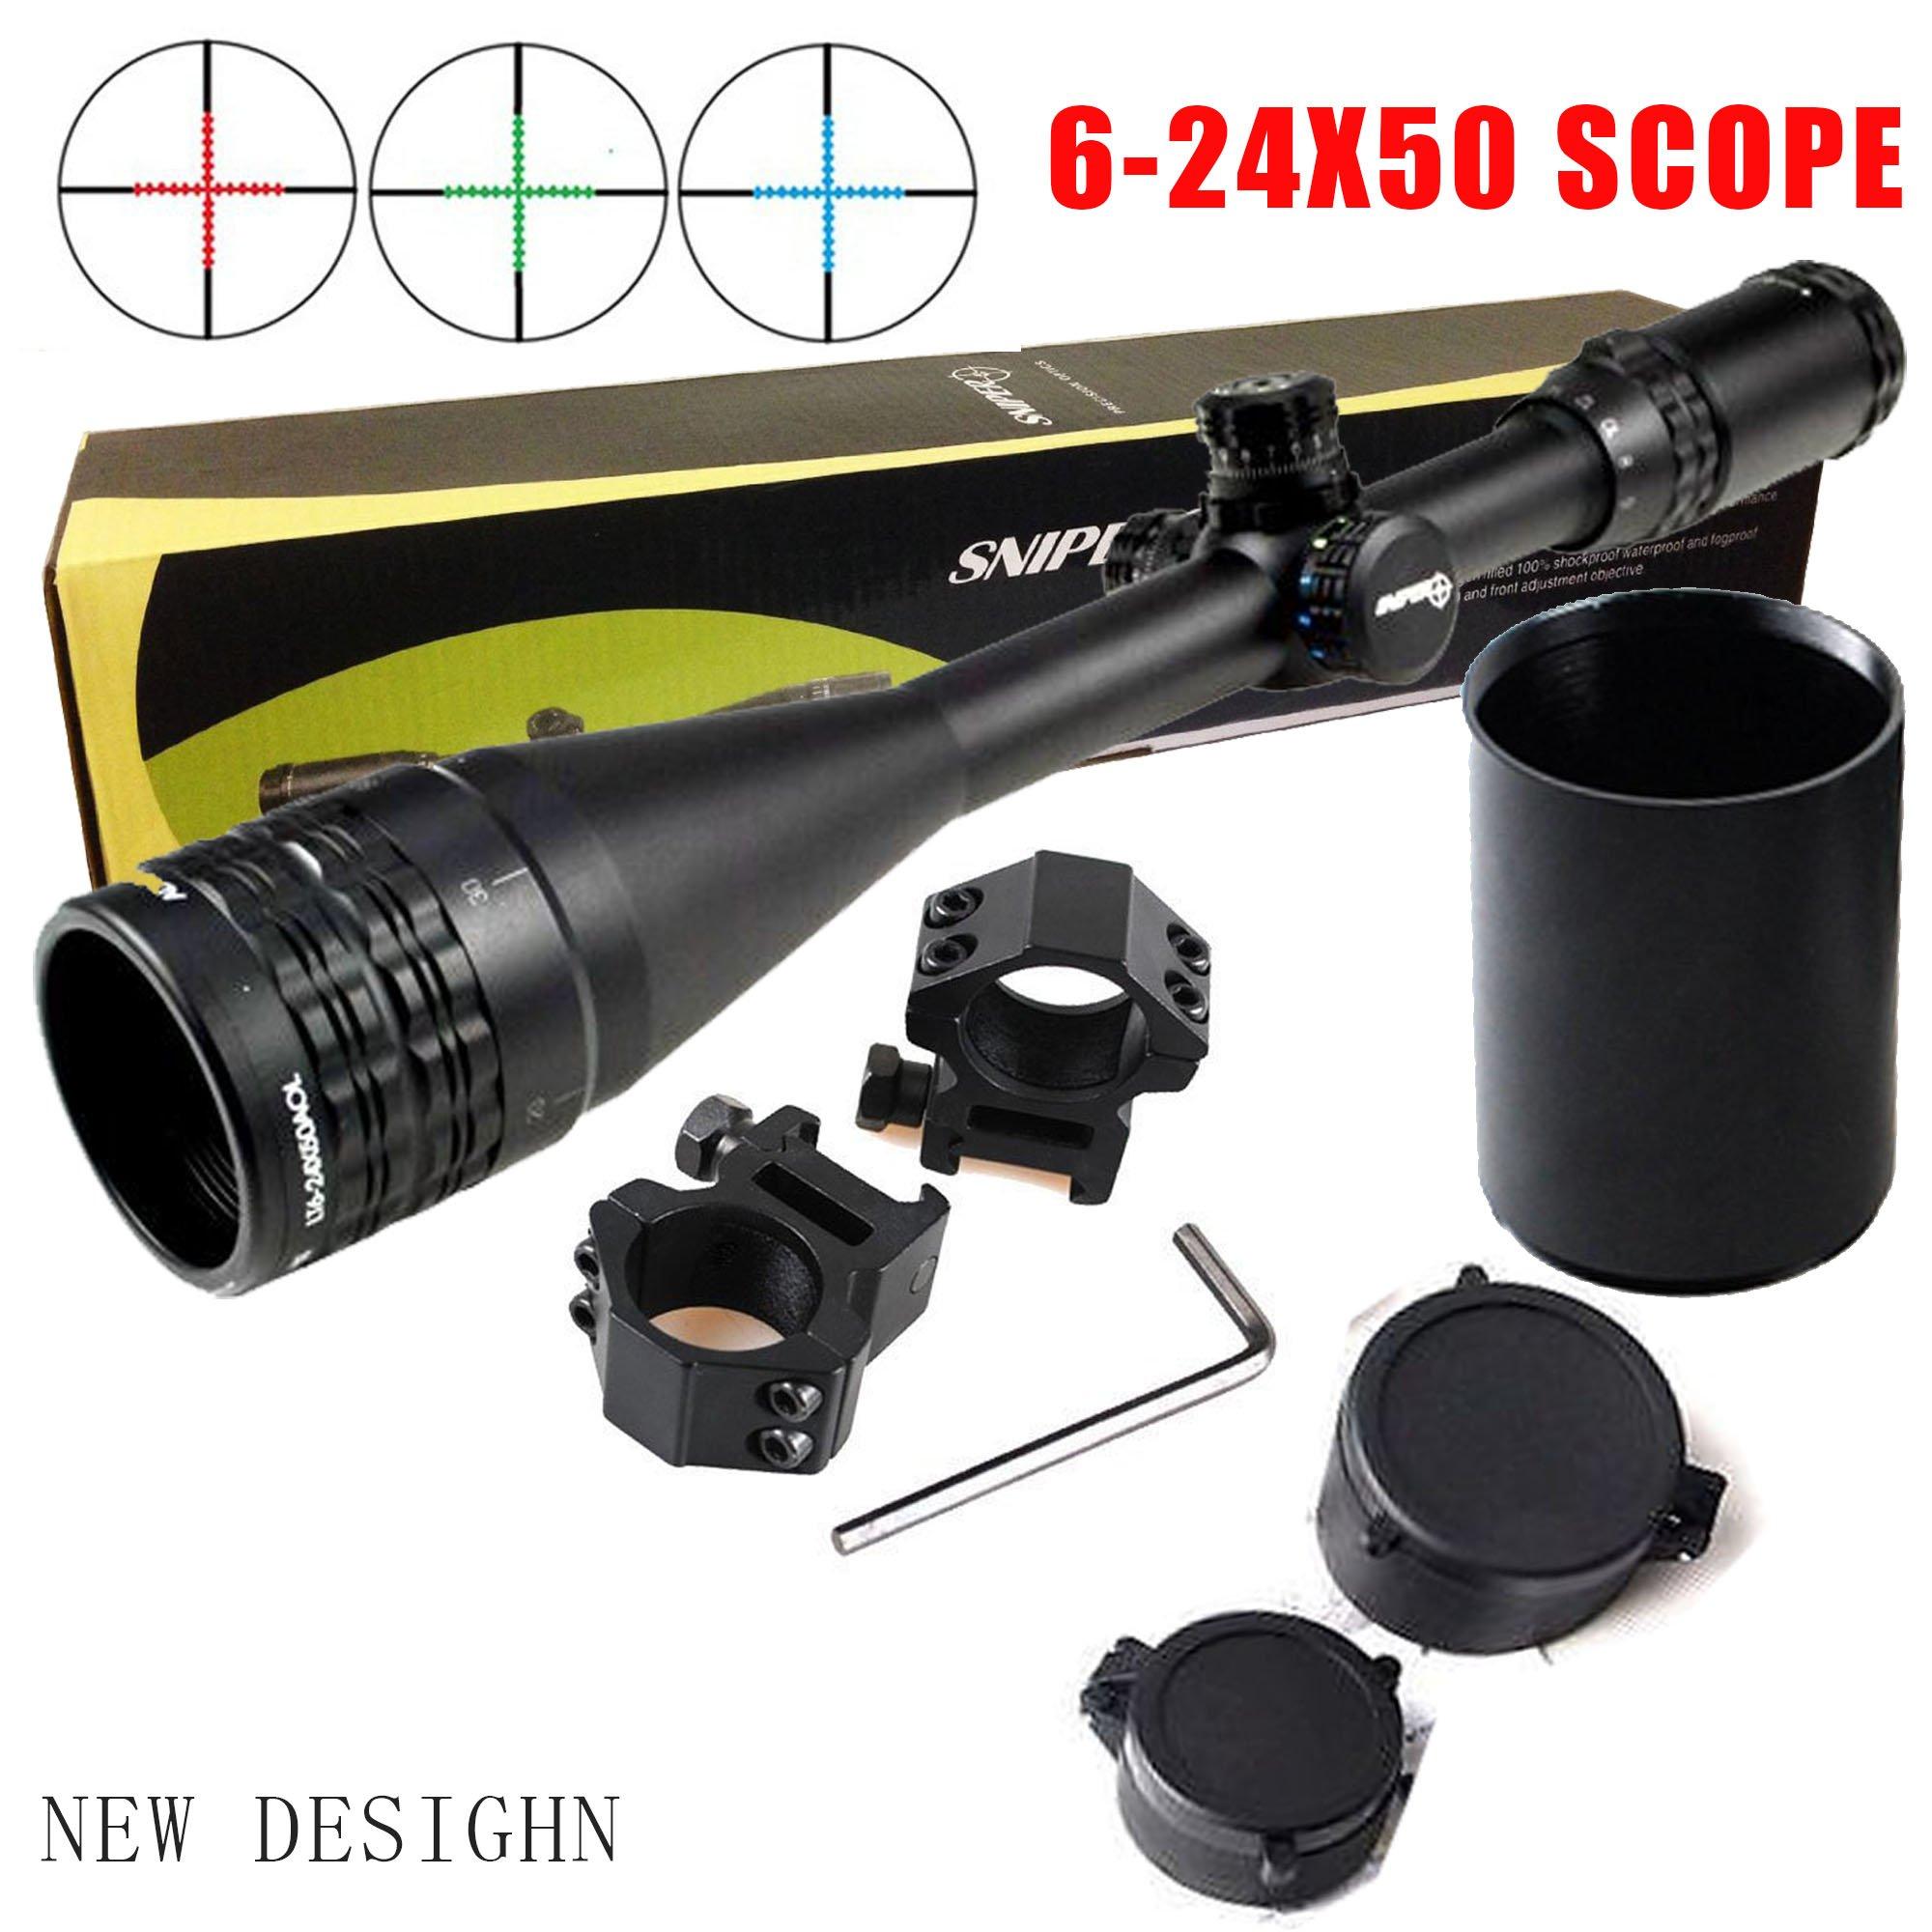 FSI Sniper 6-24x50mm Scope